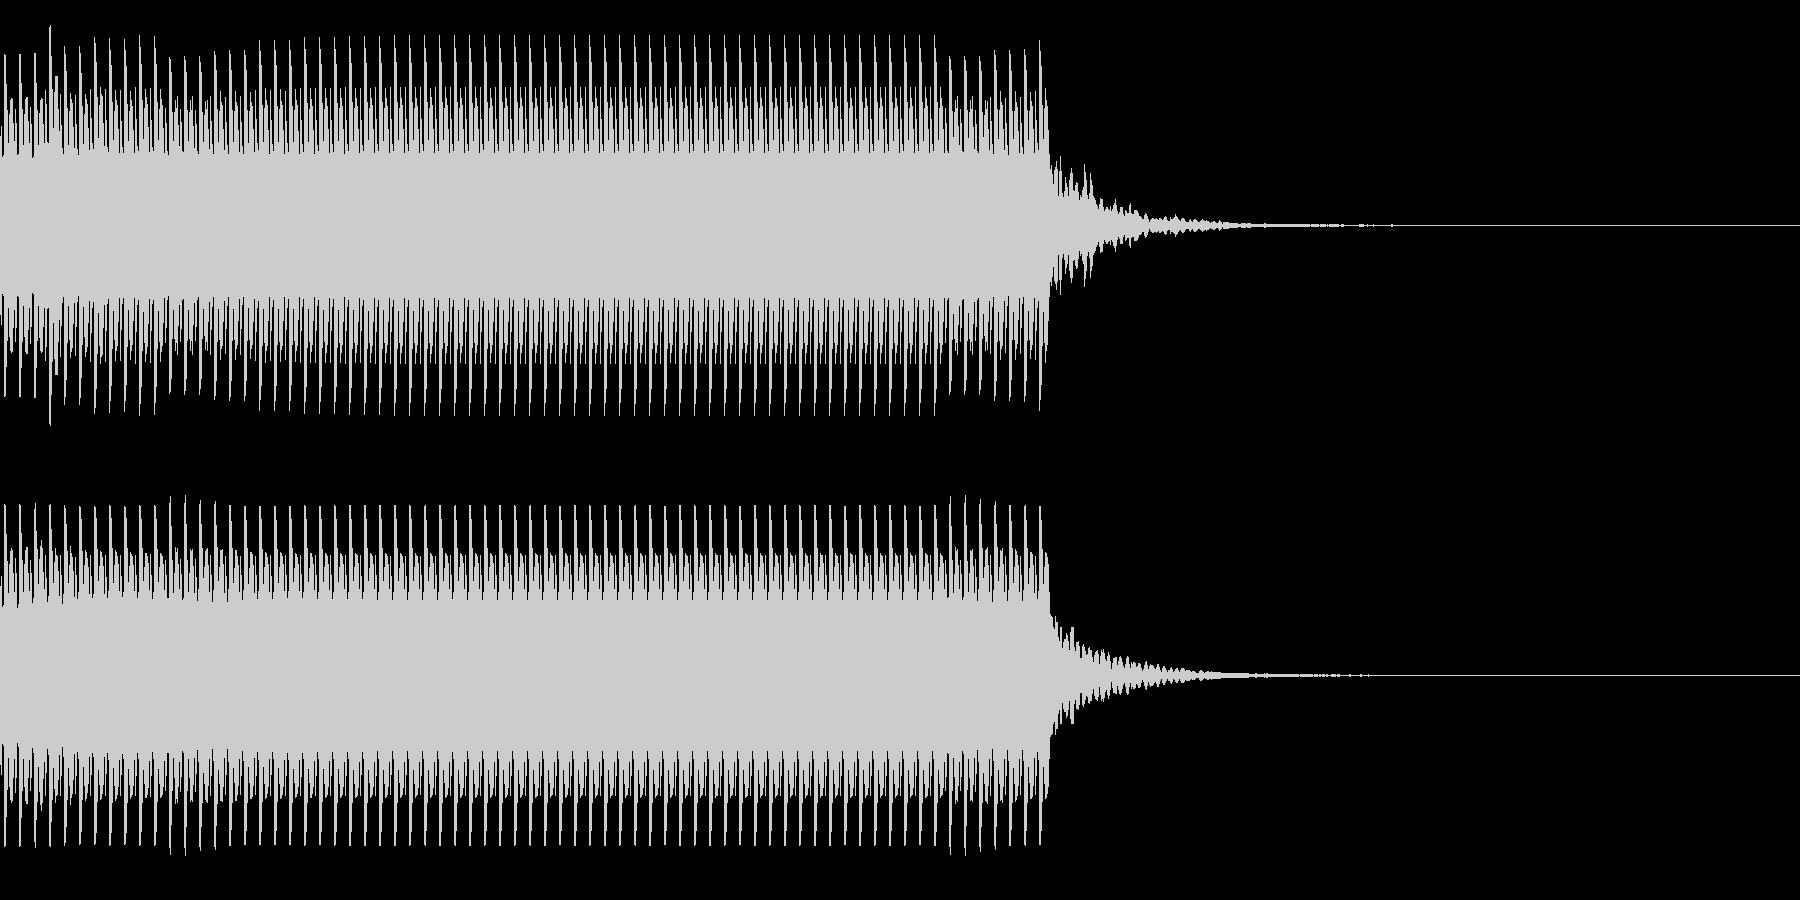 コイン70枚獲得 集計結果 チャリン の未再生の波形